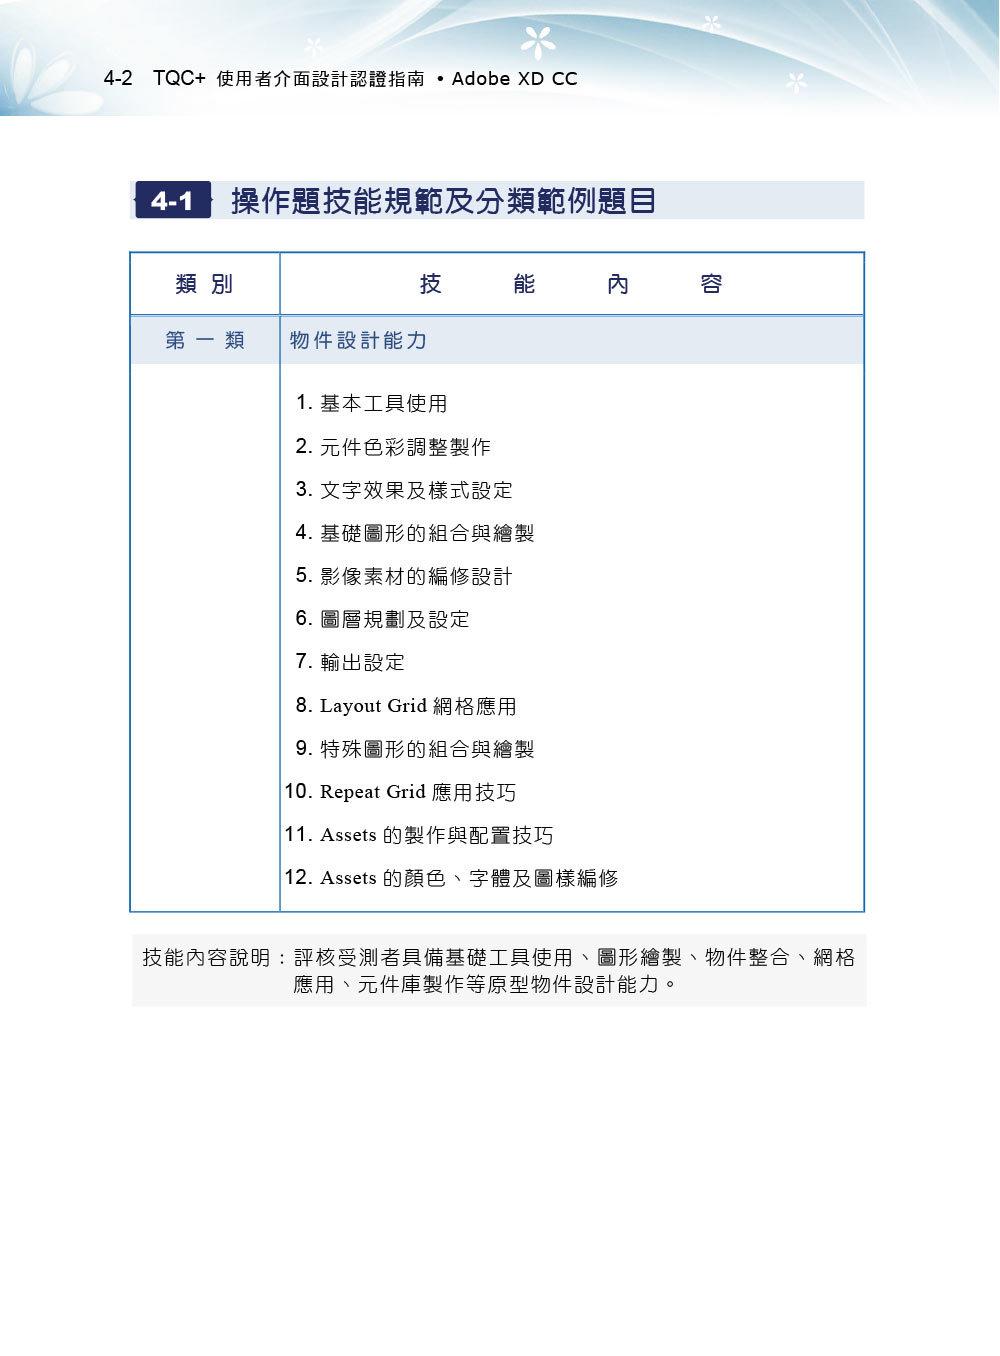 TQC+ 使用者介面設計認證指南 Adobe XD CC-preview-2